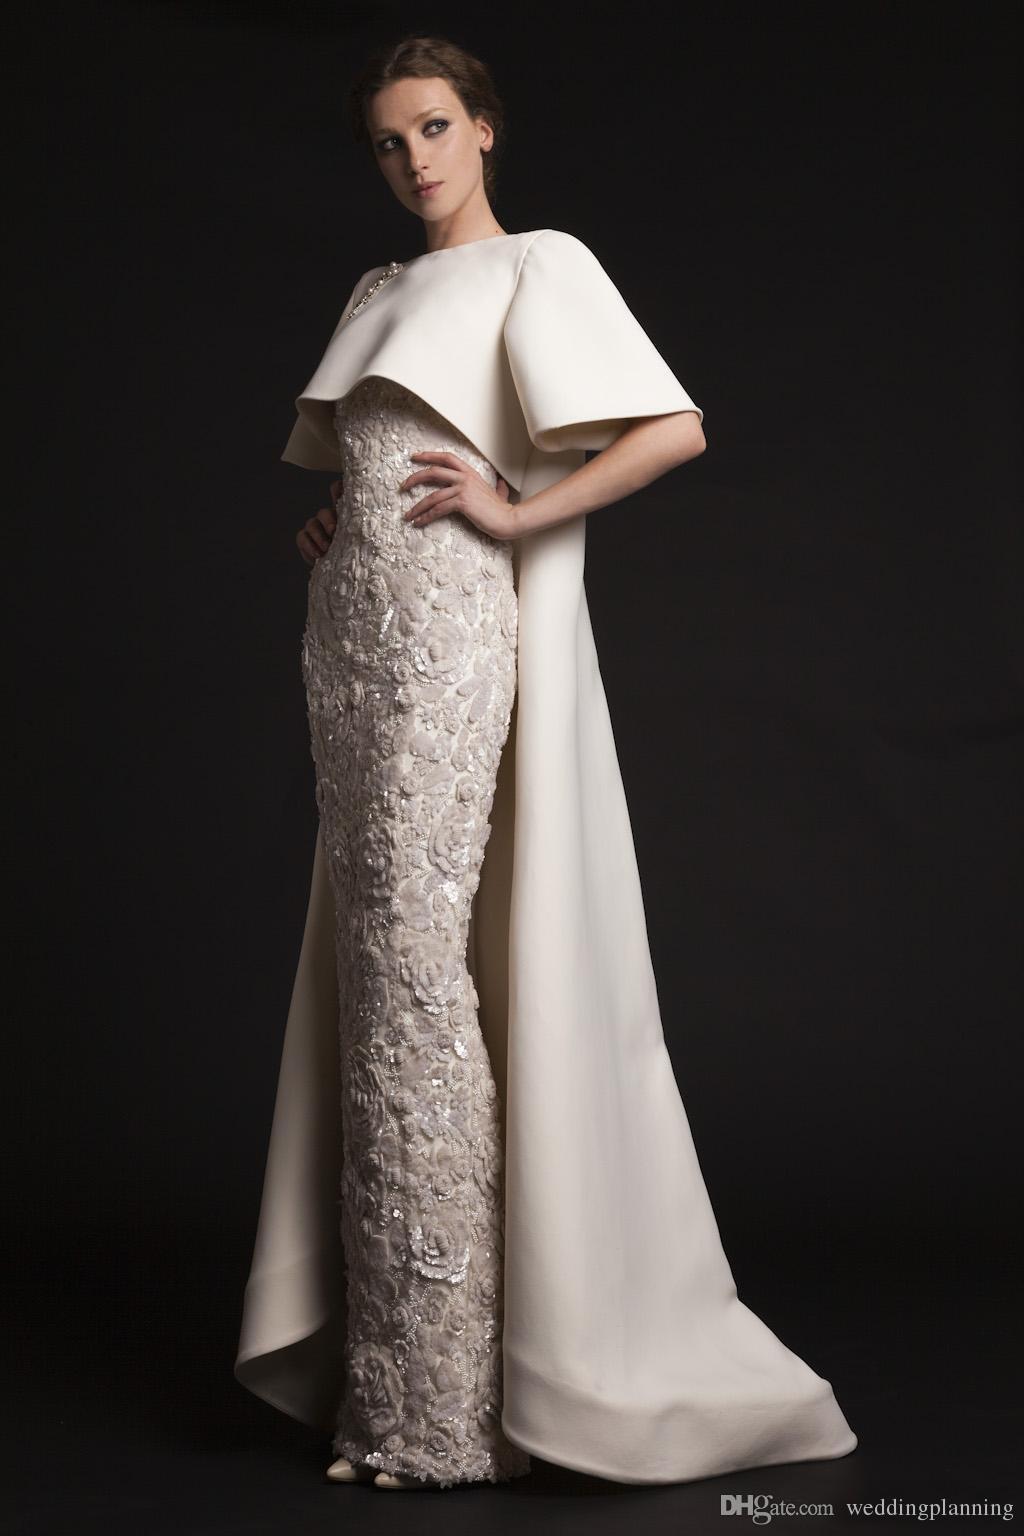 17 Spektakulär Cape Für Abendkleid Stylish10 Kreativ Cape Für Abendkleid Vertrieb